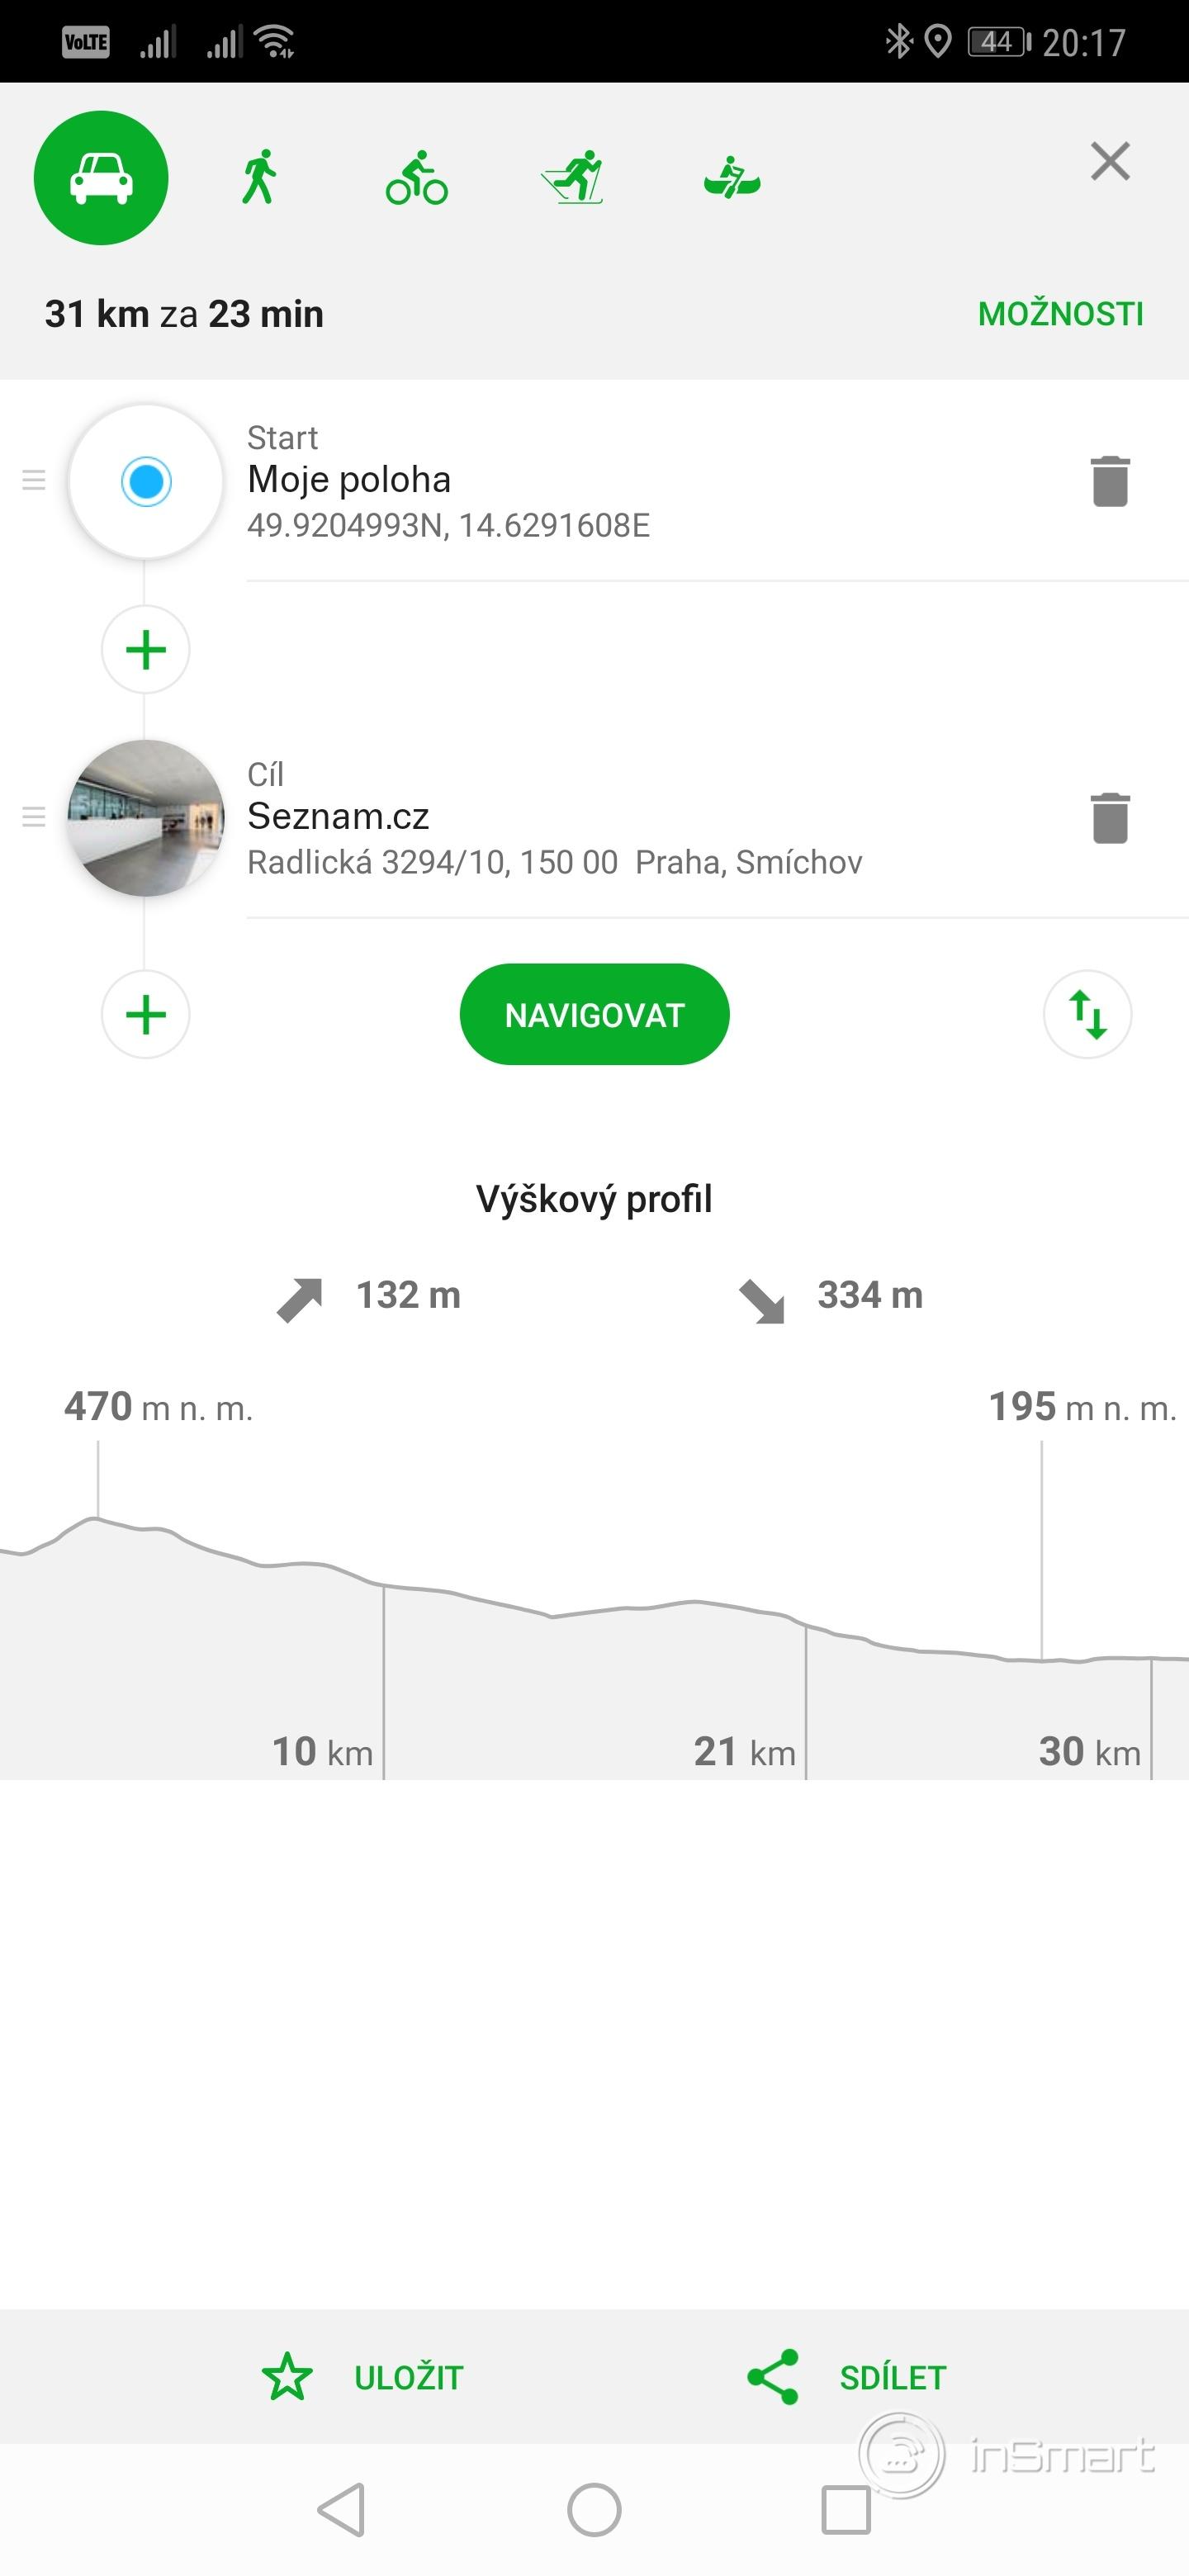 Obrázek: Mapy.cz navigují i v pustině. Jak pracovat s navigací a najít trasu offline?